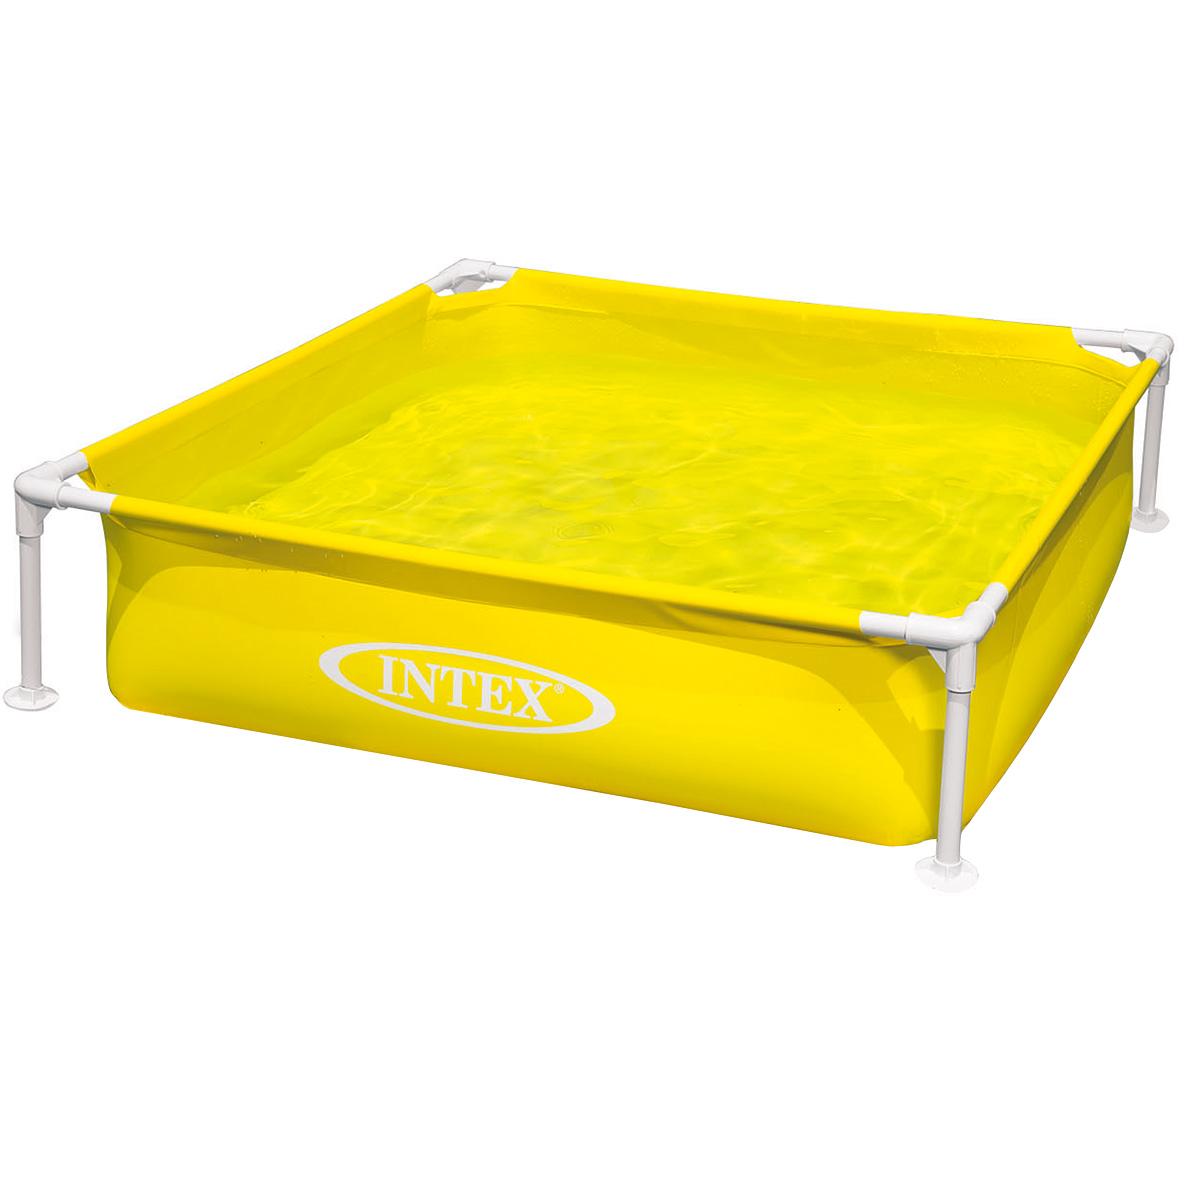 Бассейн Intex,каркасный, цвет: желтый, 122 см х 30 смC0038550Детский каркасный бассейн Intex будет просто незаменим в летний жаркий день дома или на даче. Бассейн квадратной формы выполнен из прочного винила, дополнительную прочность обеспечивает стальной каркас. Такая конструкция позволяет бассейну выдерживать большие нагрузки при одновременном купании в нем нескольких детей. Дополнительную устойчивость бассейну придают четыре ножки.Яркий бассейн непременно станет для вас не только незаменимым атрибутом летнего отдыха, но и дополнением ландшафтного дизайна участка. В комплект с бассейном входит специальная заплатка для ремонта в случае прокола. Гарантия производителя: 30 дней.